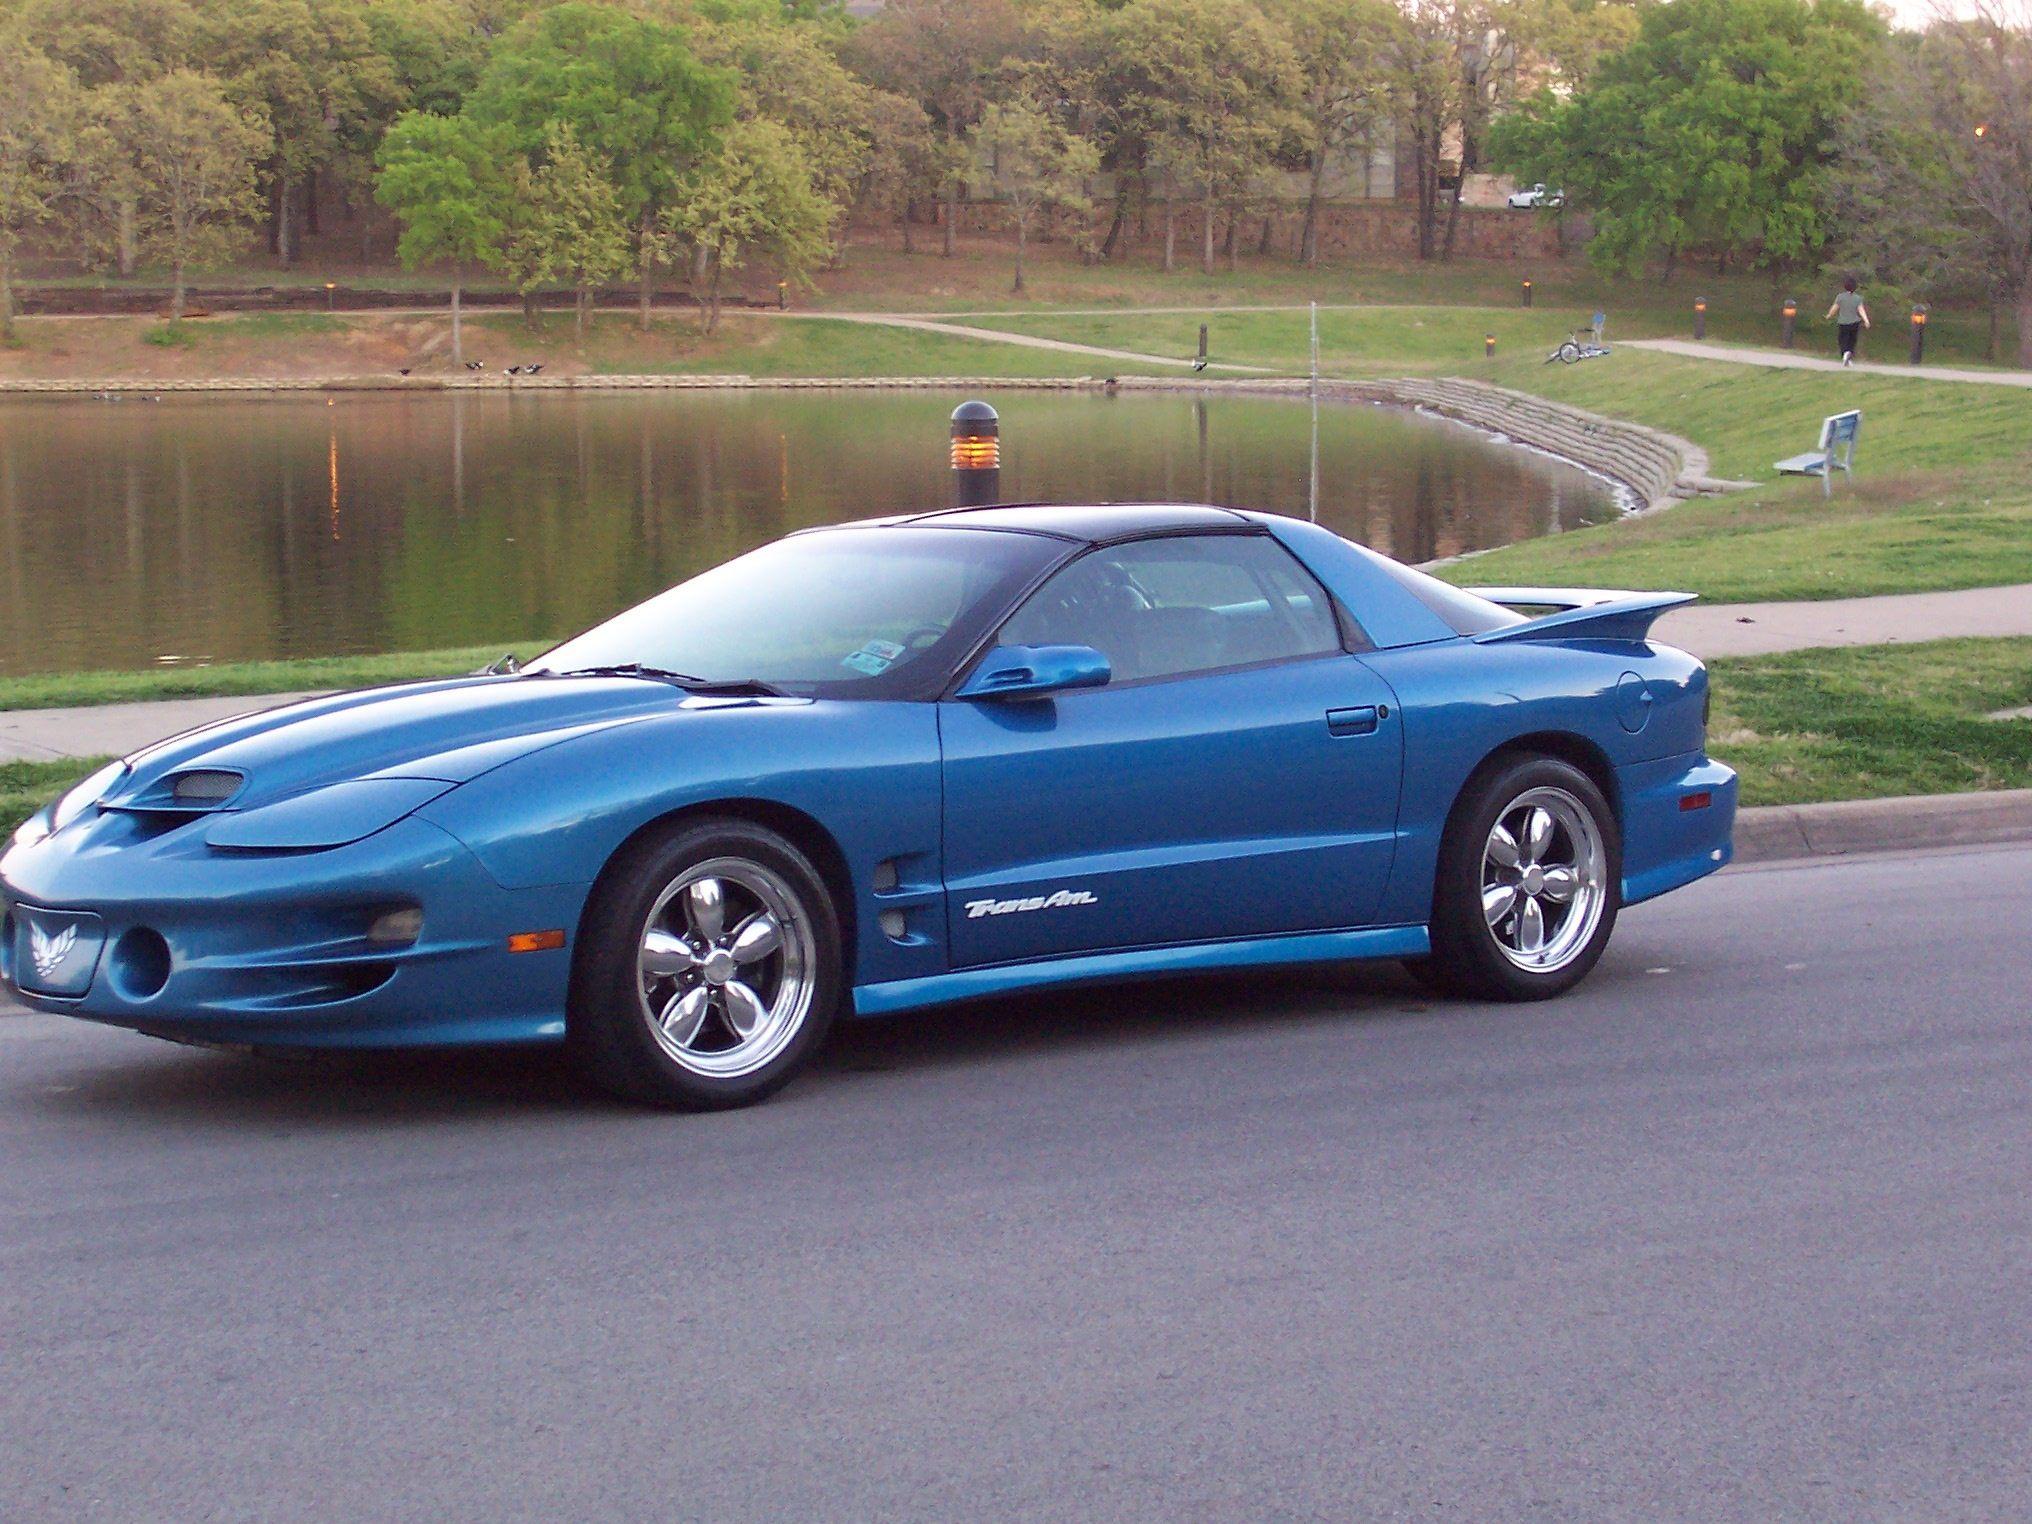 dream 2 car garage ideas - rare 99 Trans Am 99 trans ams Pinterest